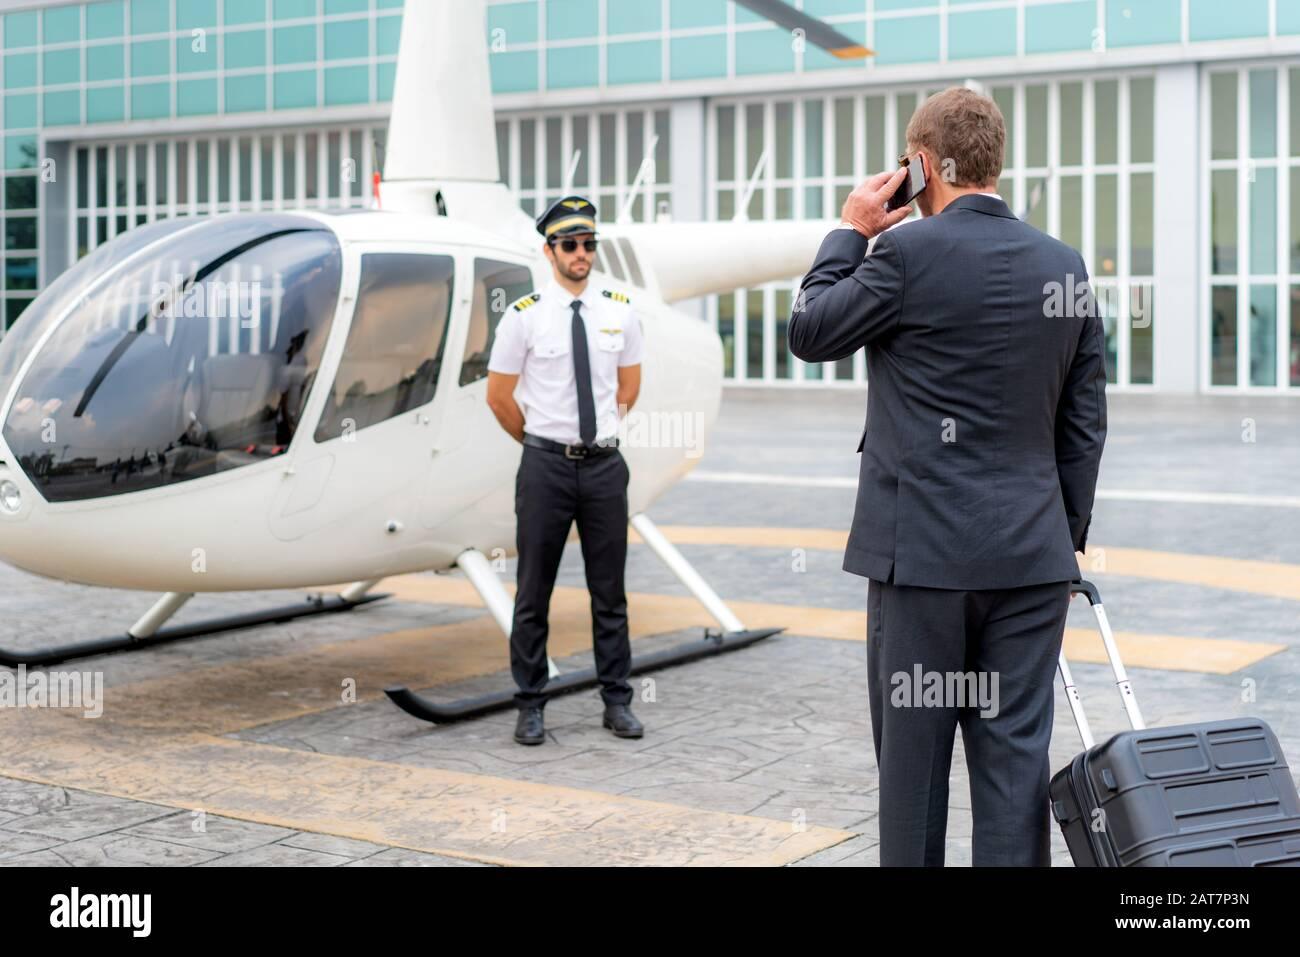 Homme d'Affaires âgé avec bagages parler téléphone mobile et marcher à l'hélicoptère pour le départ à destination à hélipad à l'aéroport avec hélicop Banque D'Images